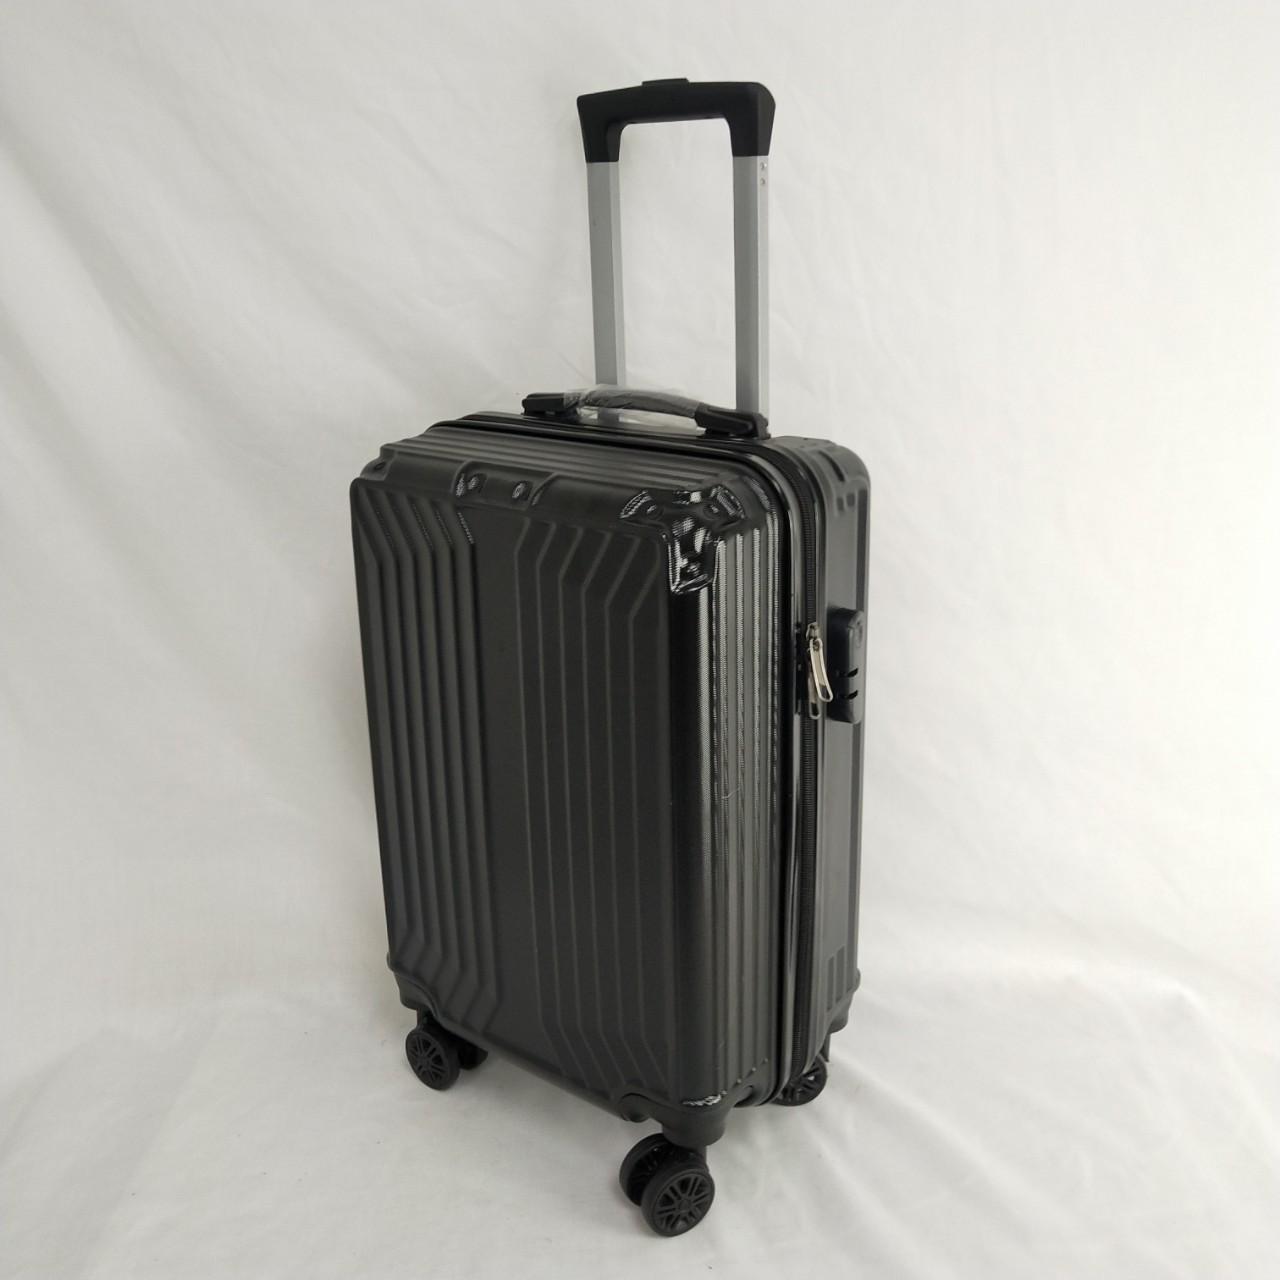 Túi Vali Hành lý phổ quát có bánh xe kéo vali .